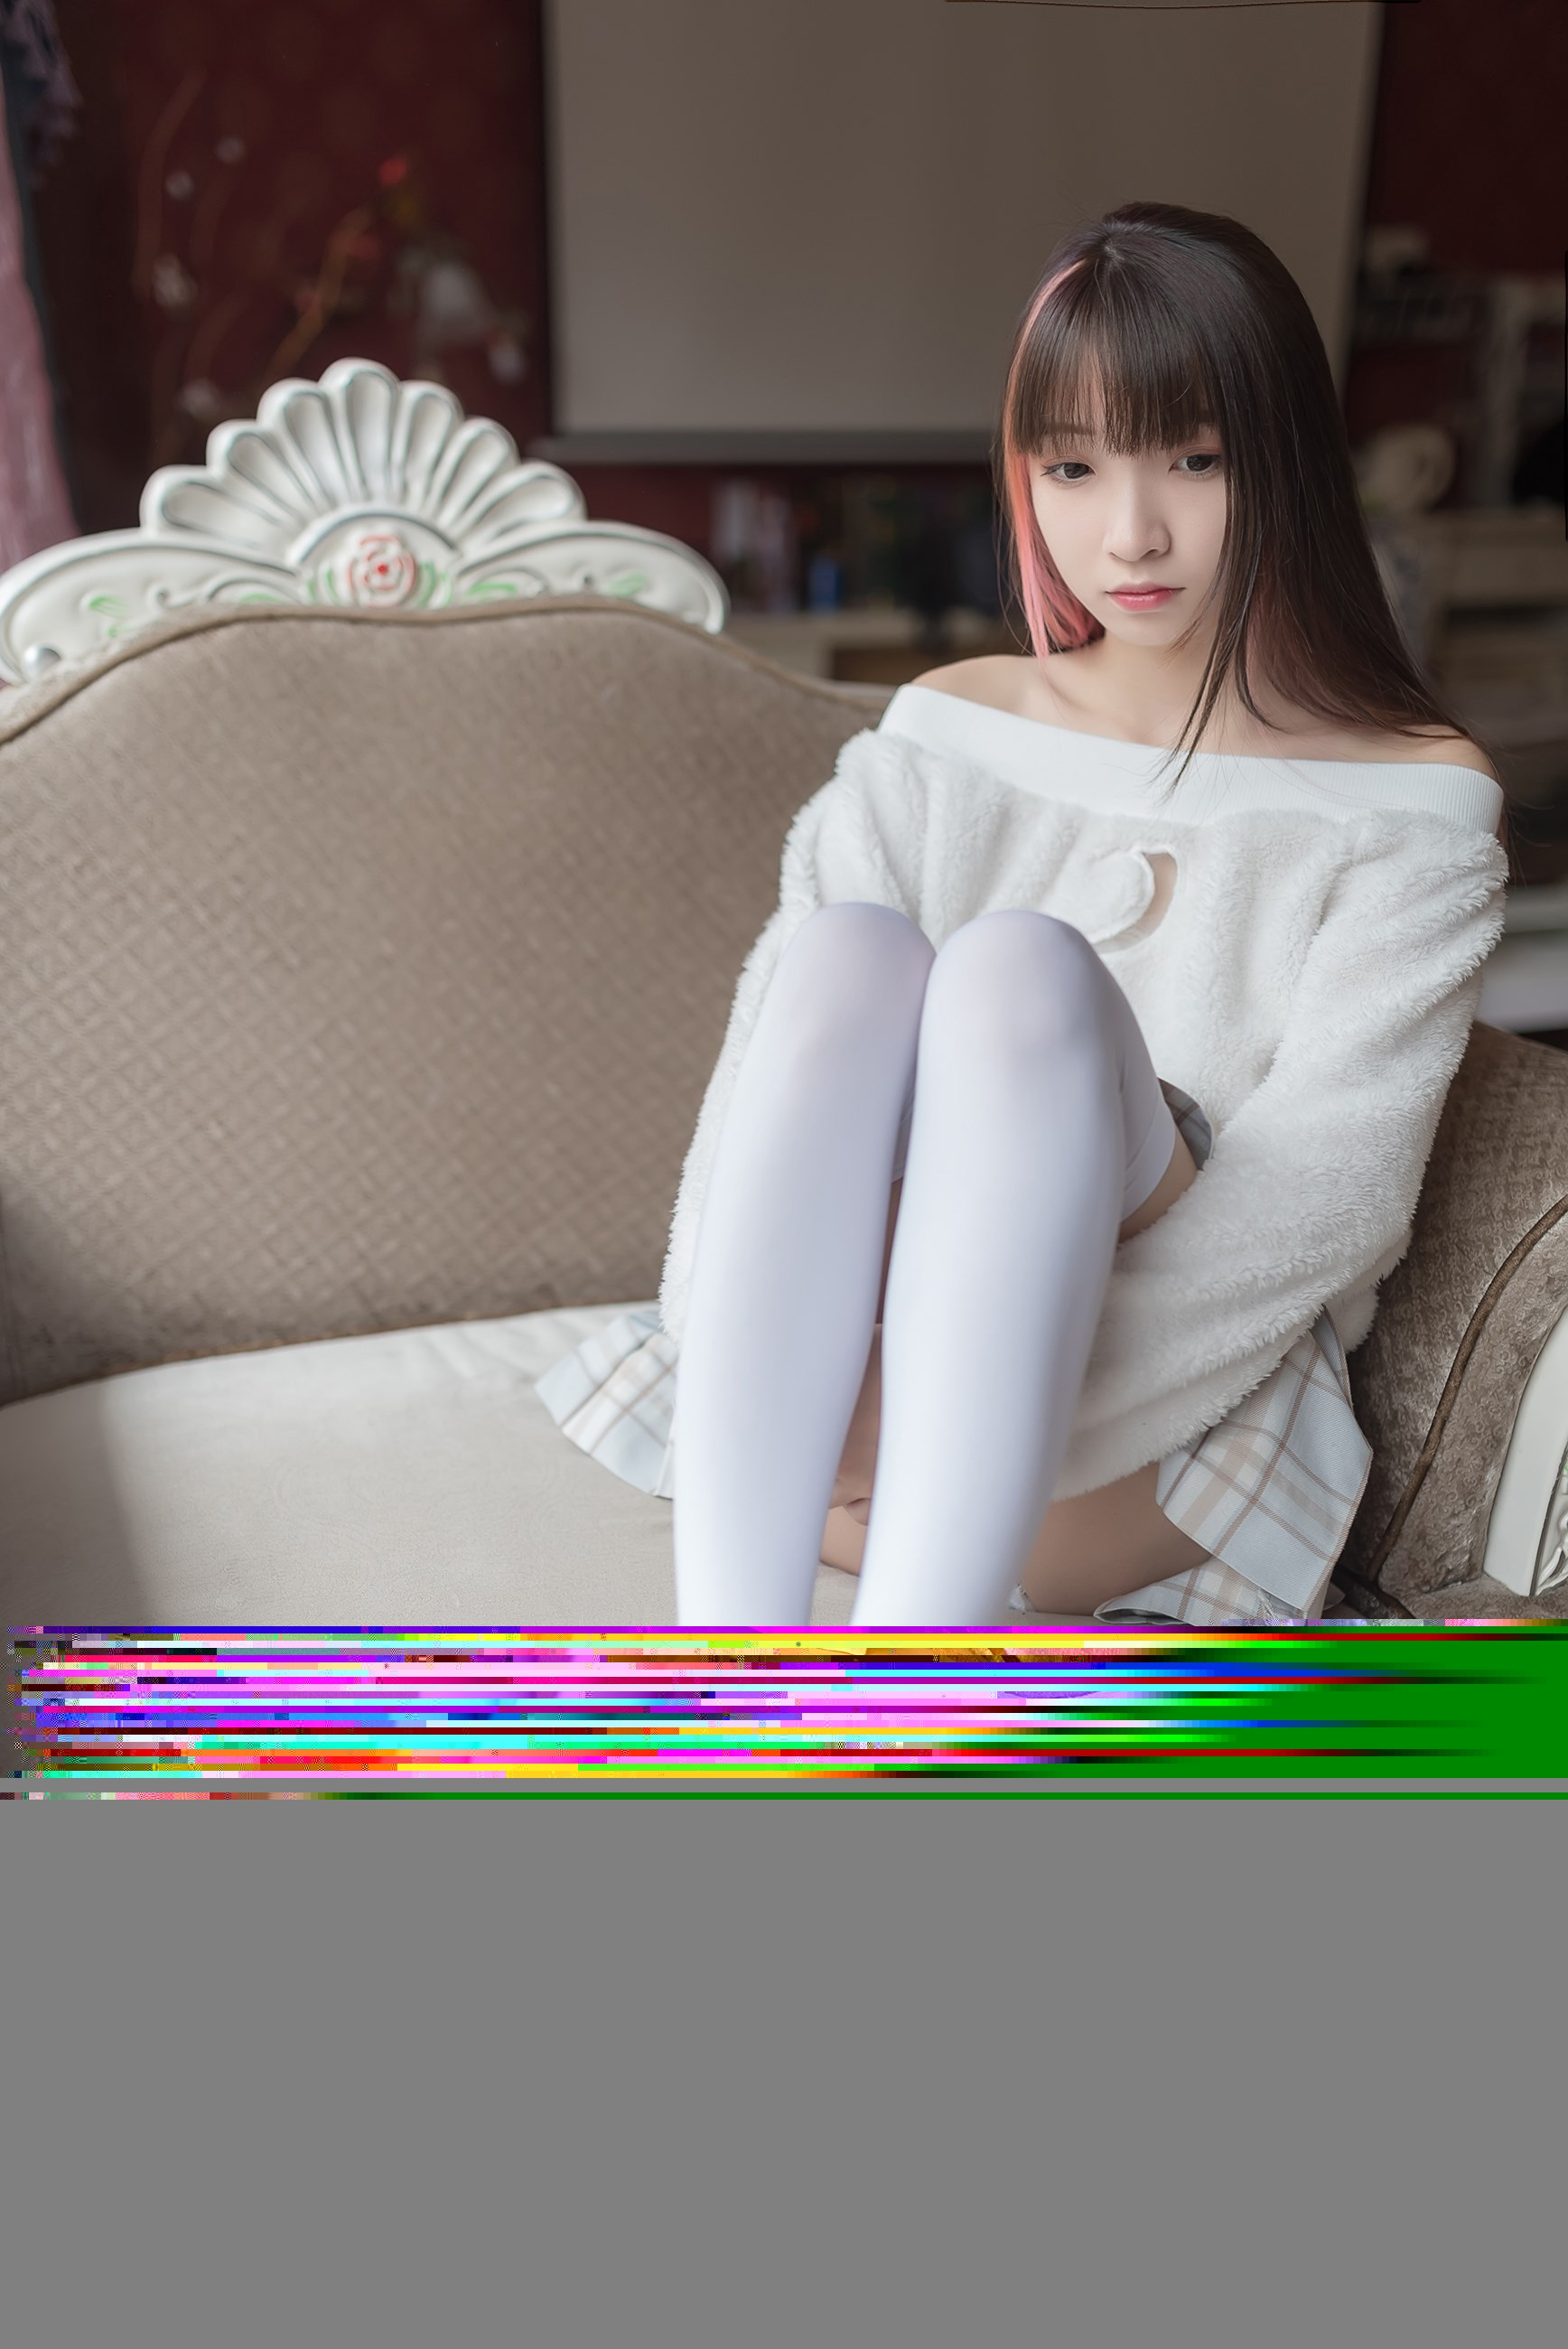 【兔玩映画】露肩少女 兔玩映画 第36张